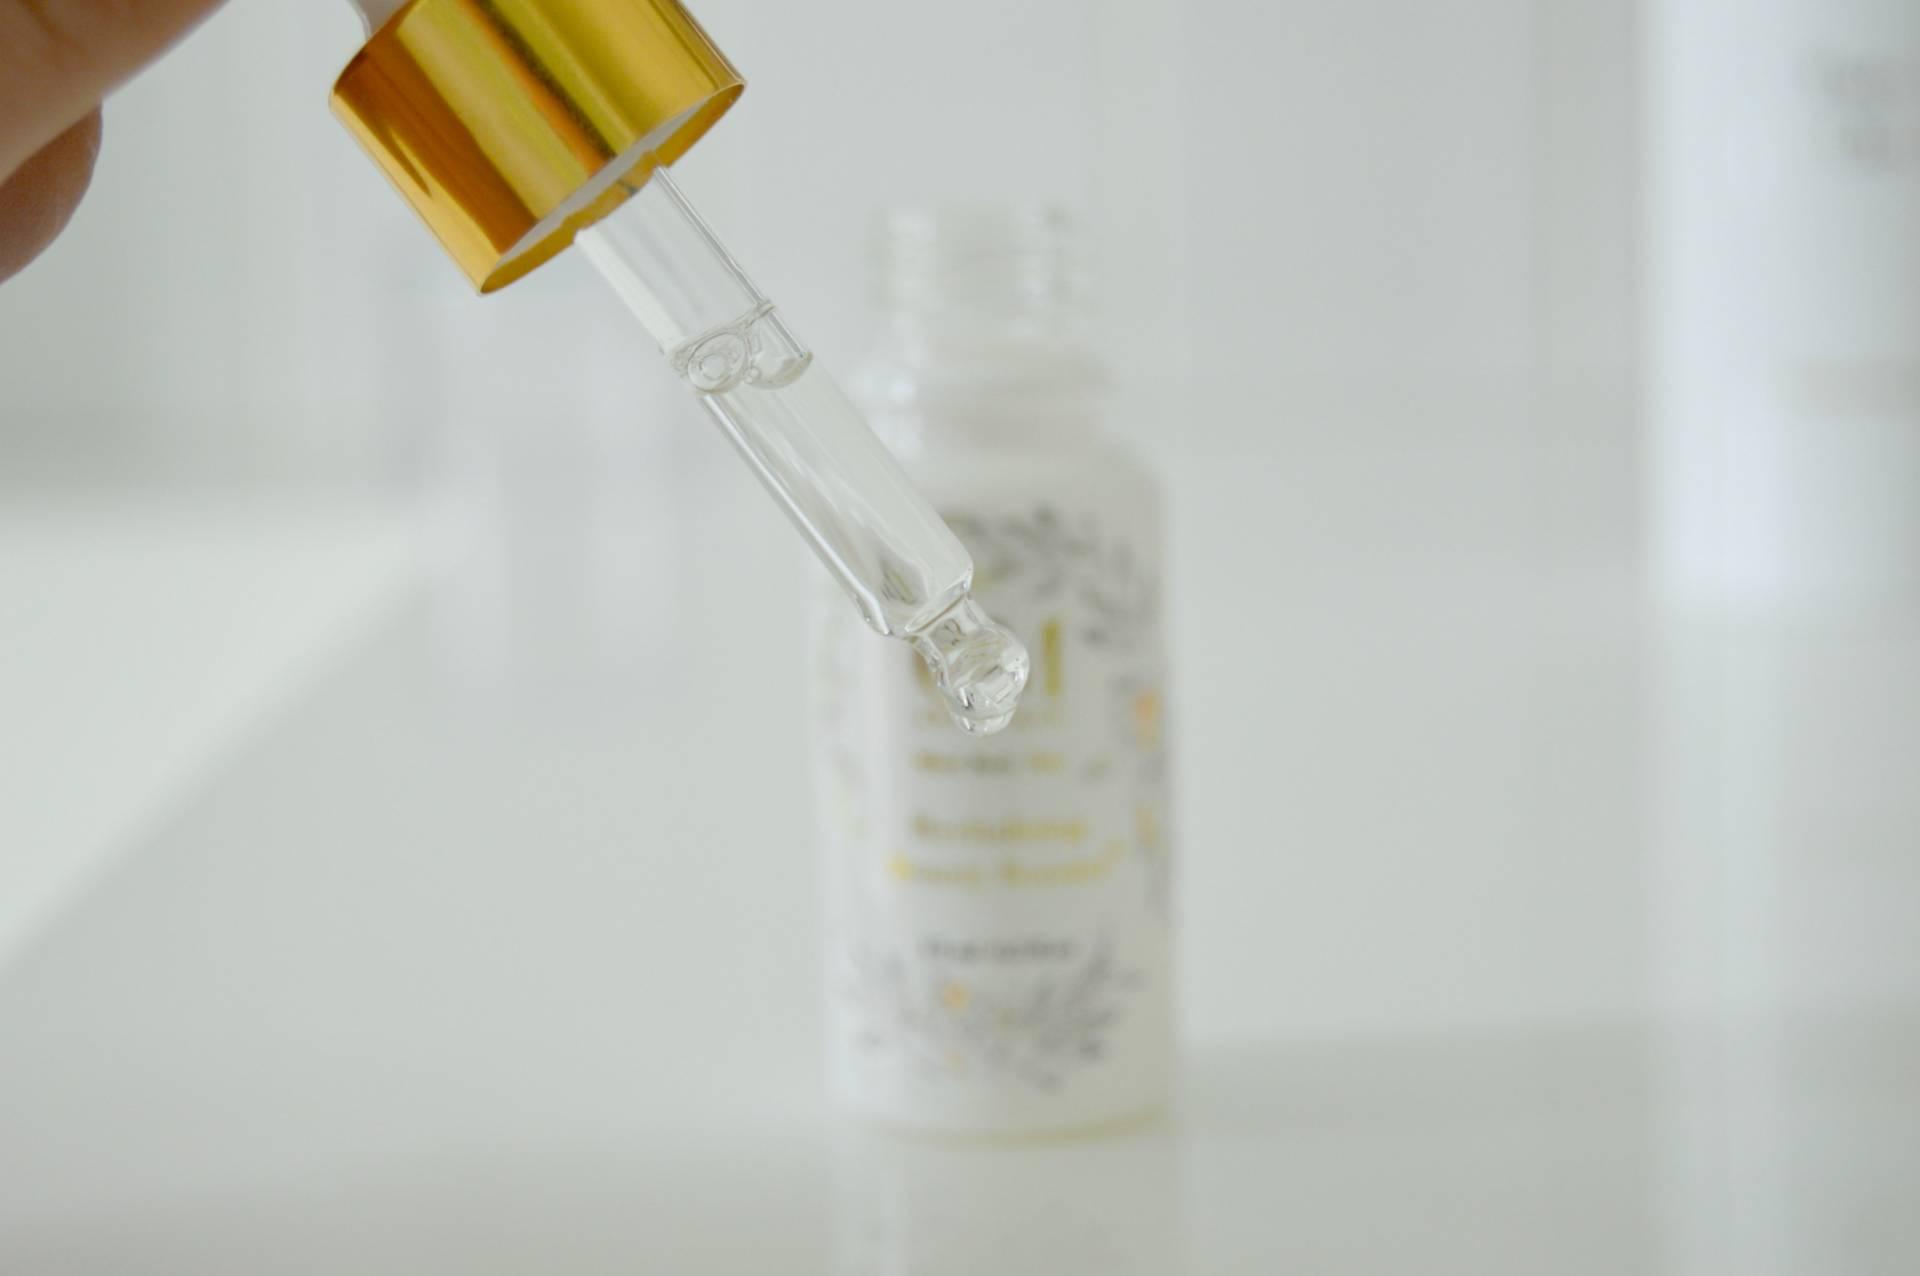 om skincare booster revitalizing serum inhautepursuit review